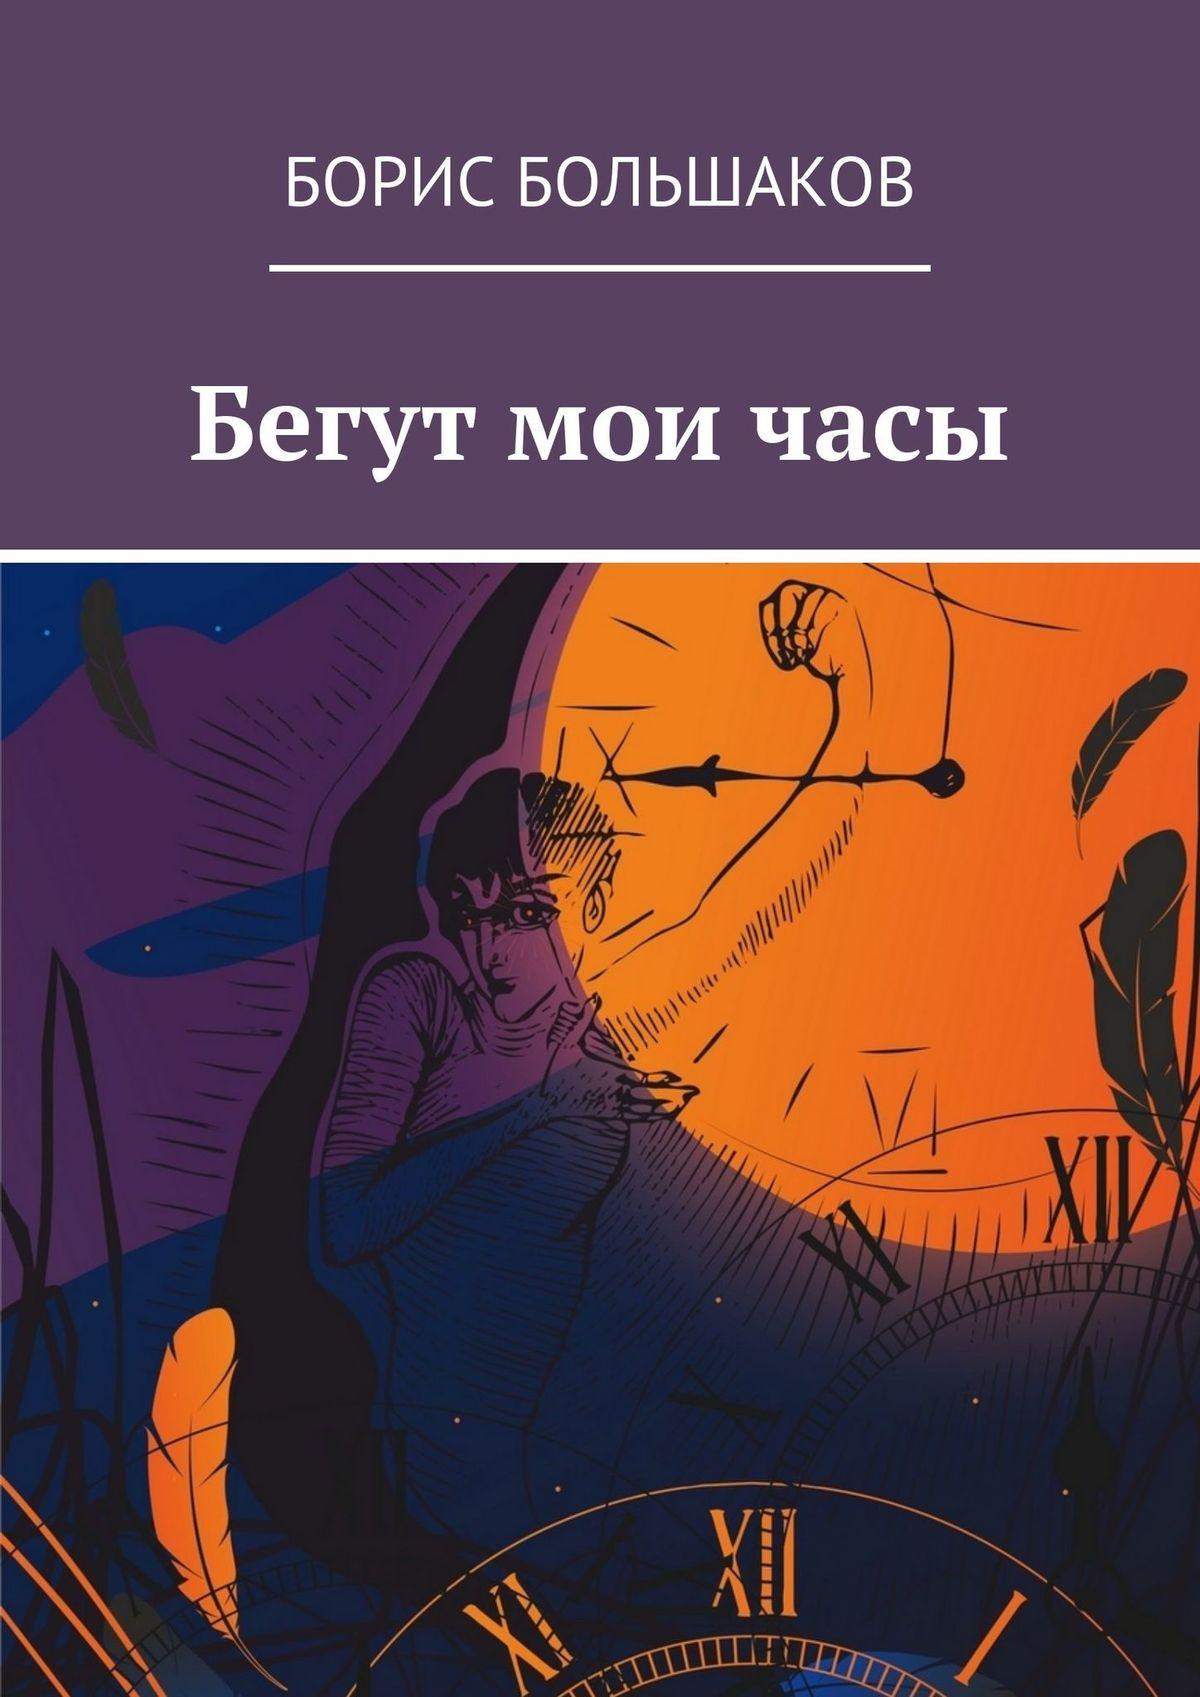 Купить книгу Бегут моичасы, автора Бориса Большакова